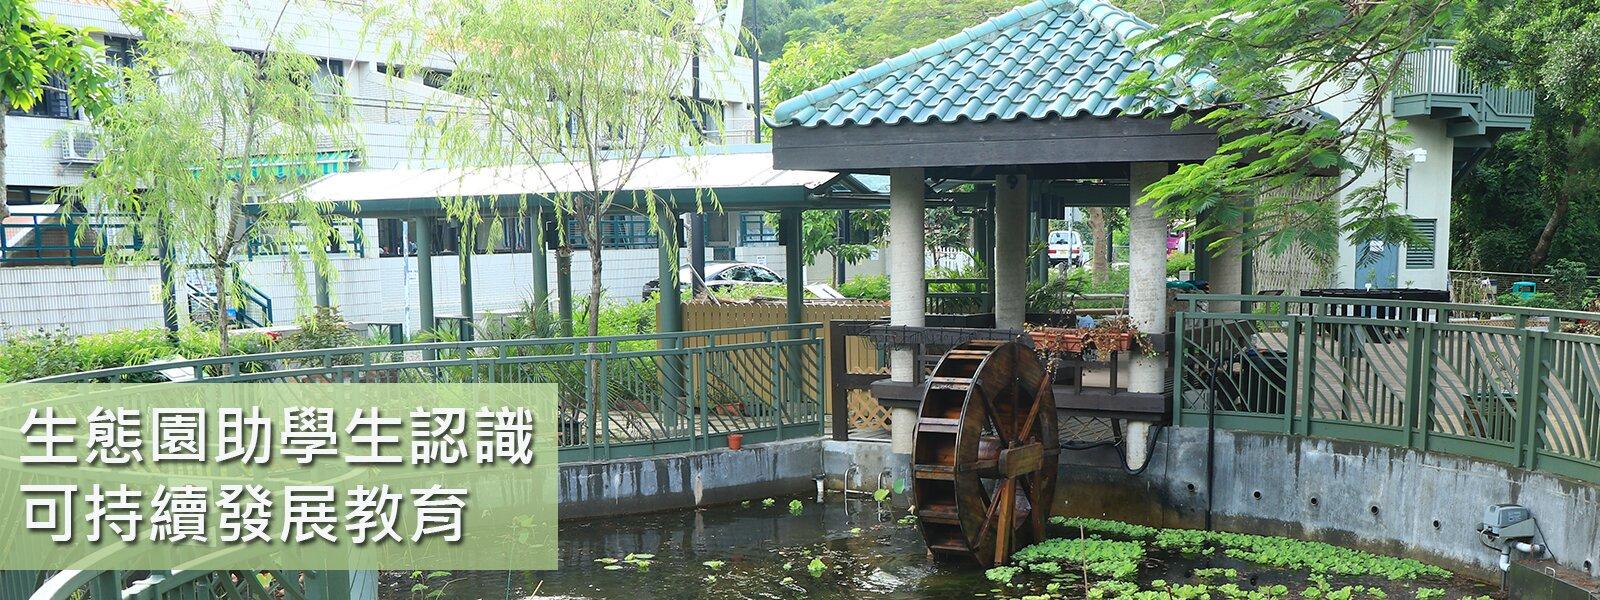 生態園助學生認識可持續發展教育